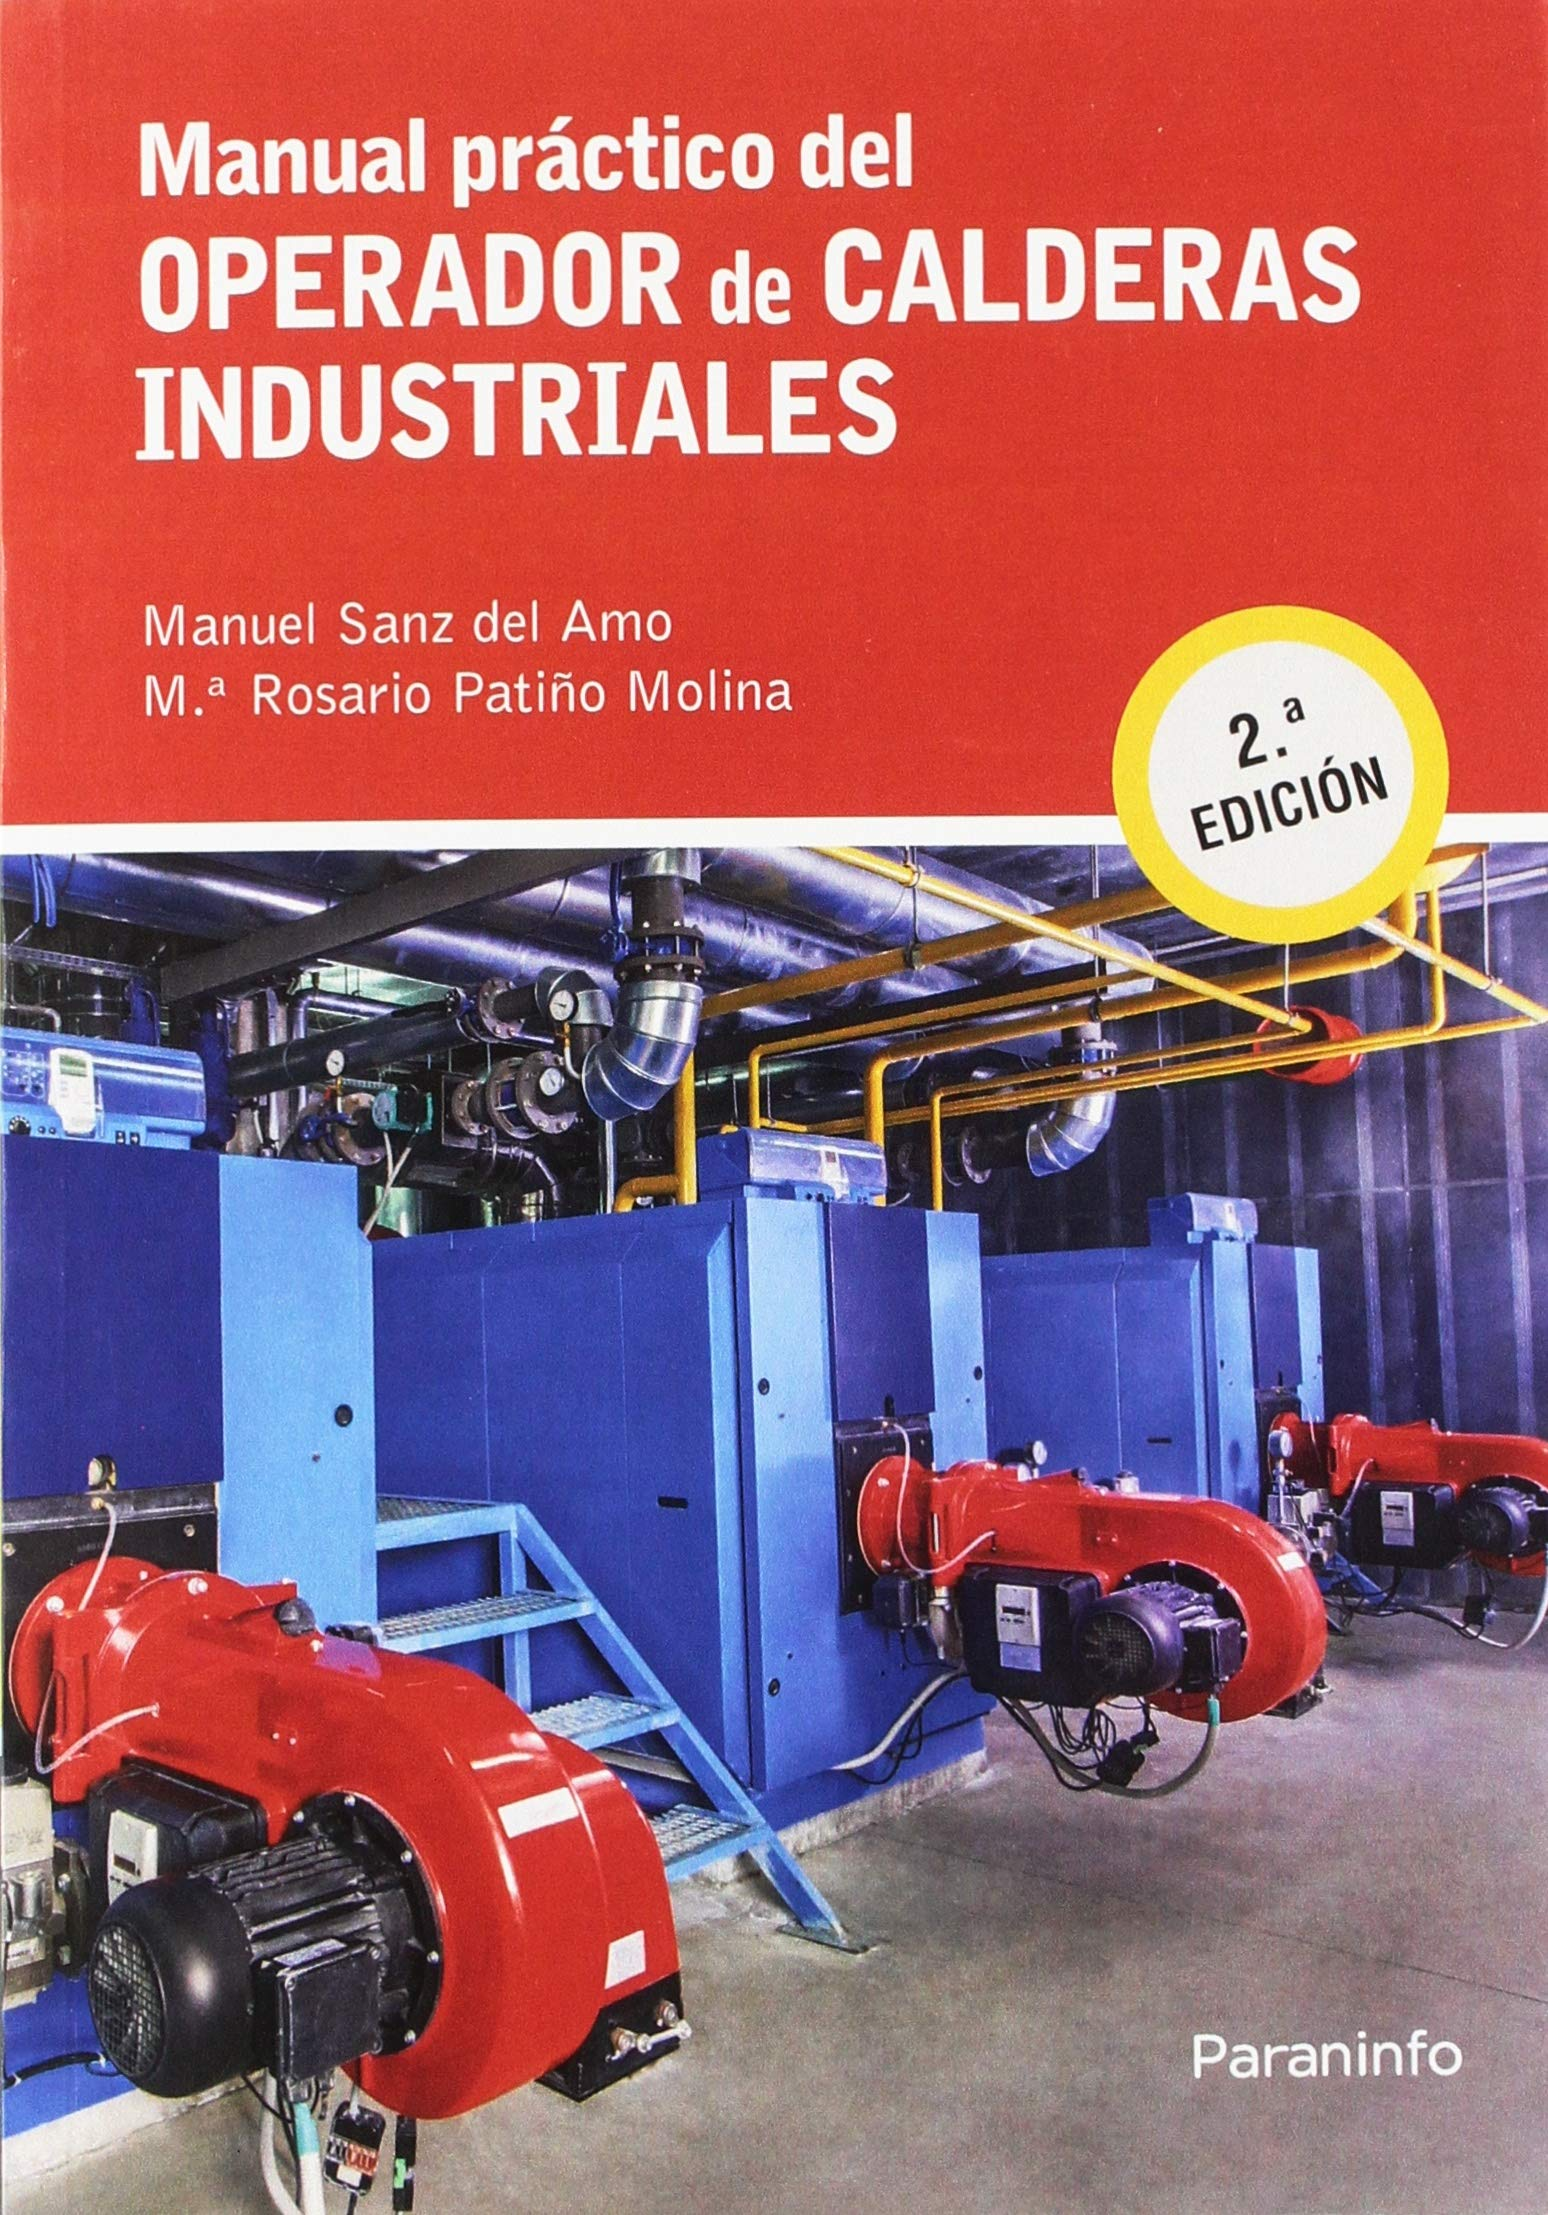 Manual práctico del operador de calderas industriales 2.ª edición: Amazon.es: MANUEL SANZ DEL AMO, Mª ROSARIO PATIÑO MOLINA: Libros